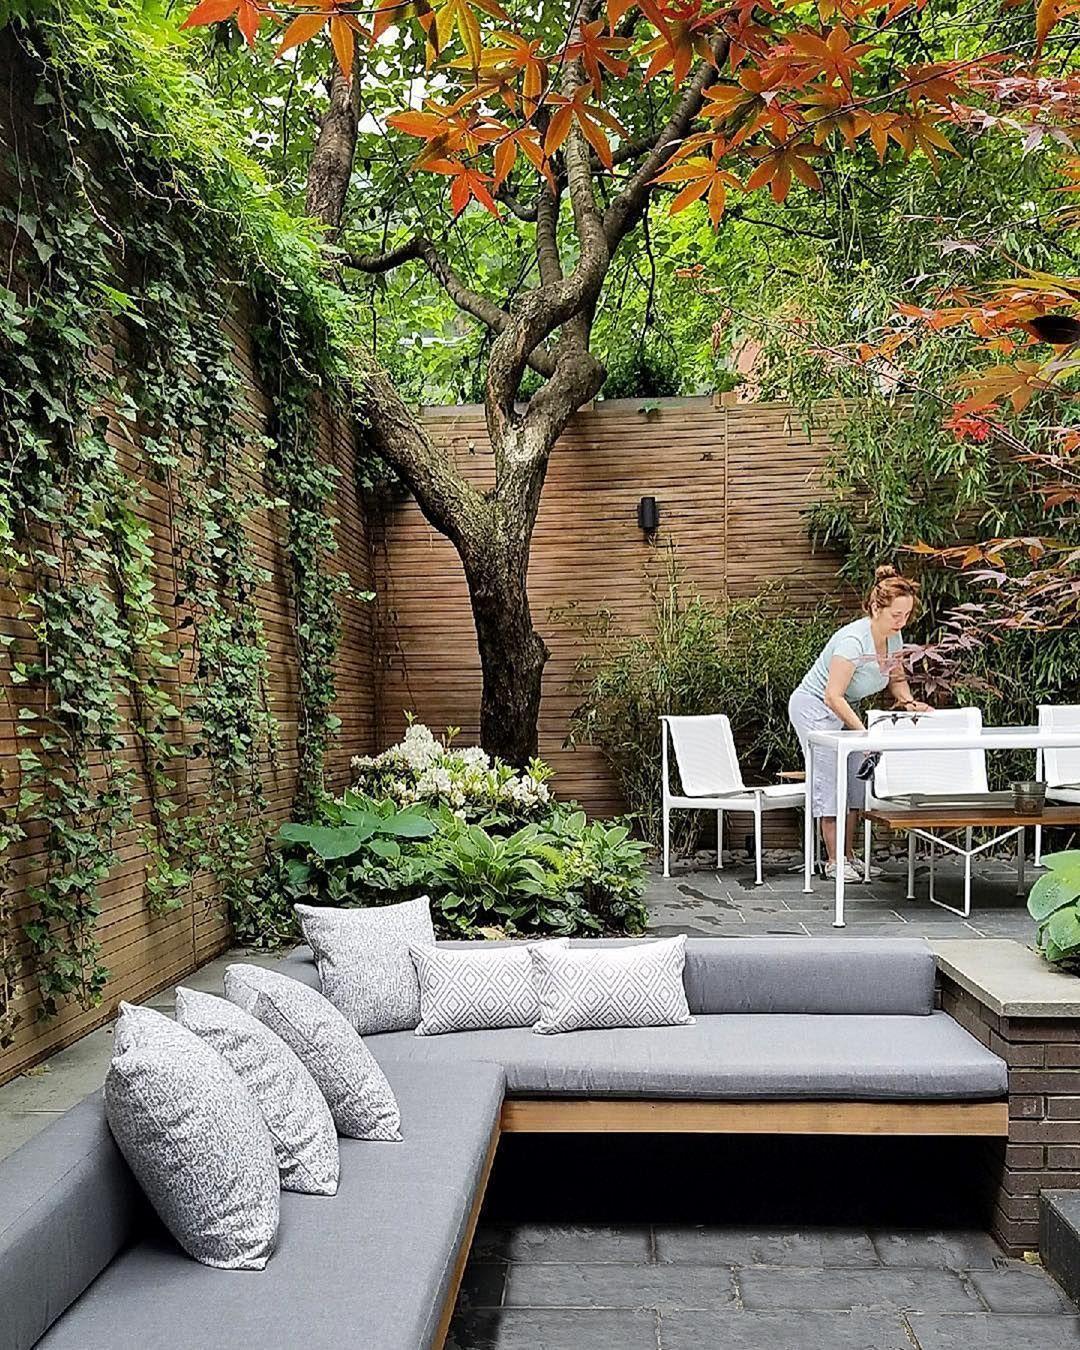 22 Marvelous Winter Garden Design For Small Backyard Landscaping Ideas -   14 garden design Fence outdoor living ideas